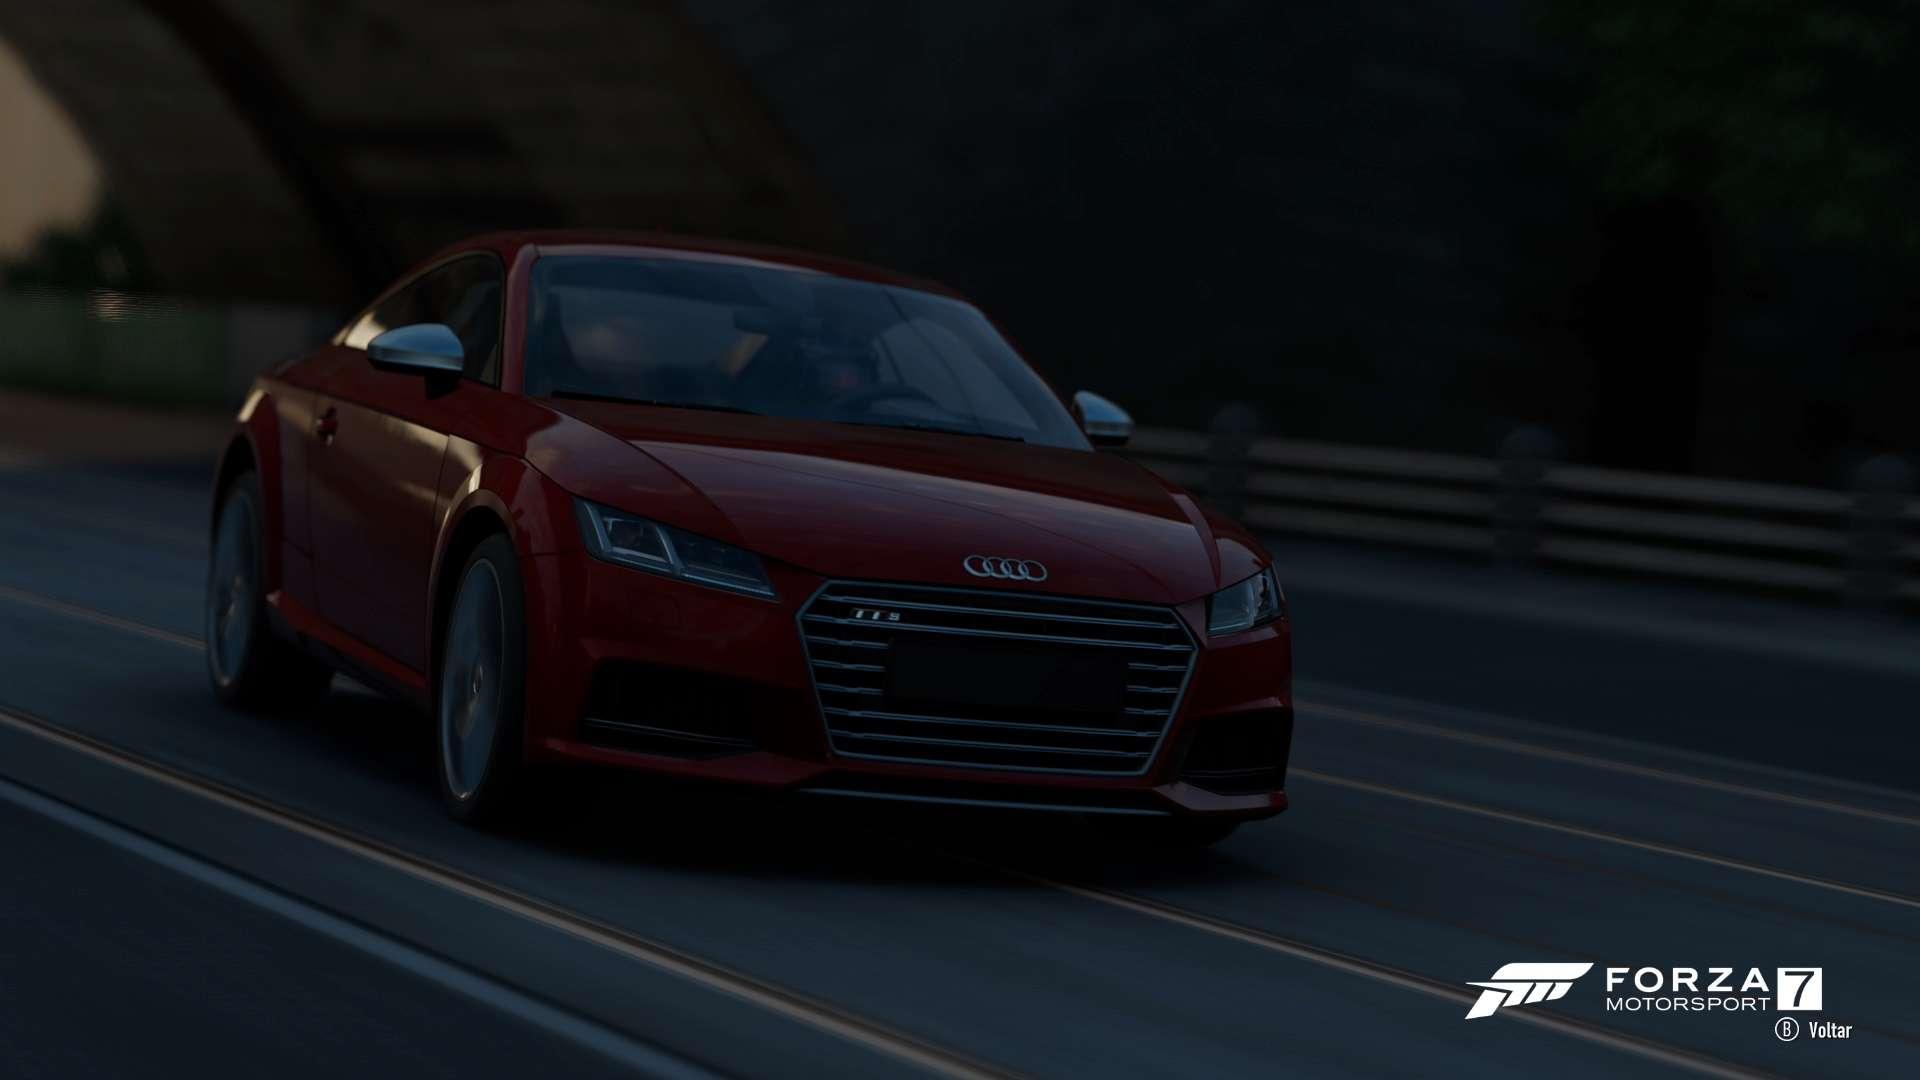 Forza 7 Photo